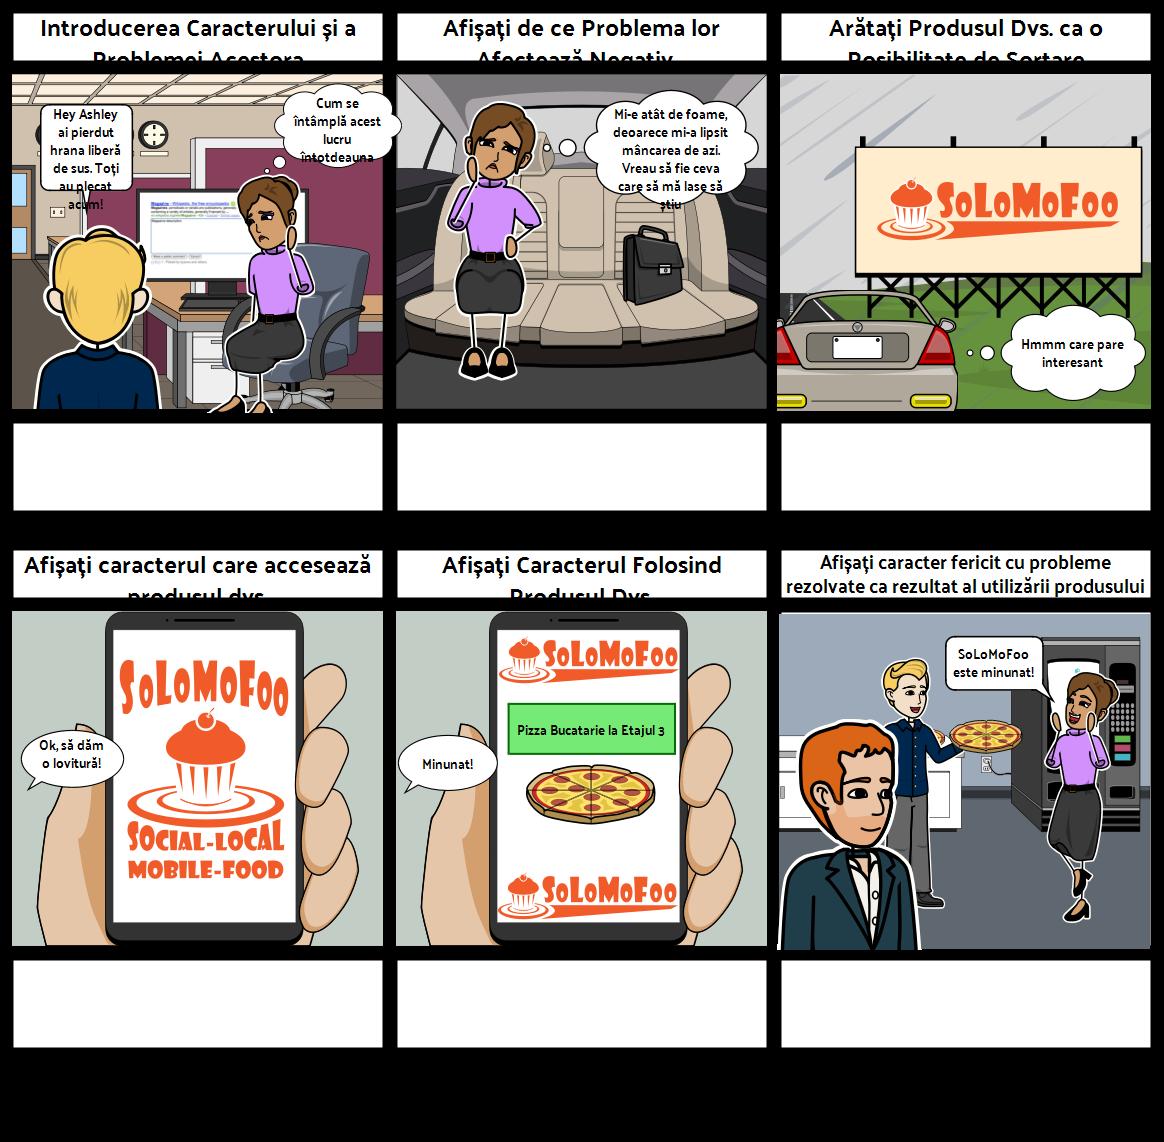 Călătorie Client - Exemplu